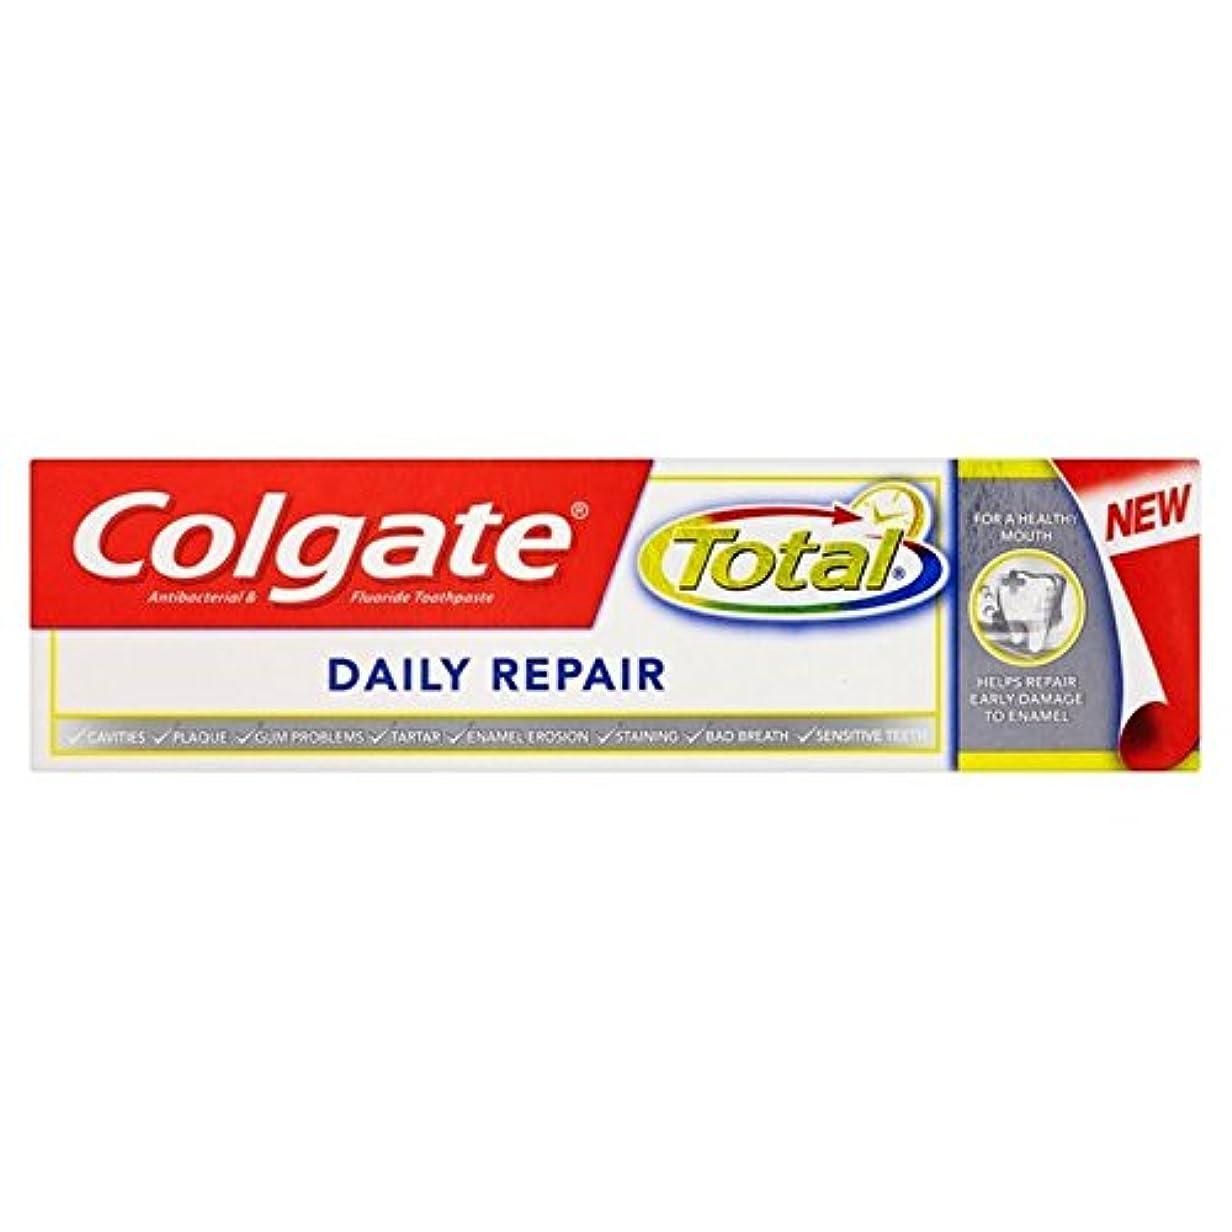 支払い内なる奇跡コルゲートトータル毎日修理歯磨き粉75ミリリットル x4 - Colgate Total Daily Repair Toothpaste 75ml (Pack of 4) [並行輸入品]